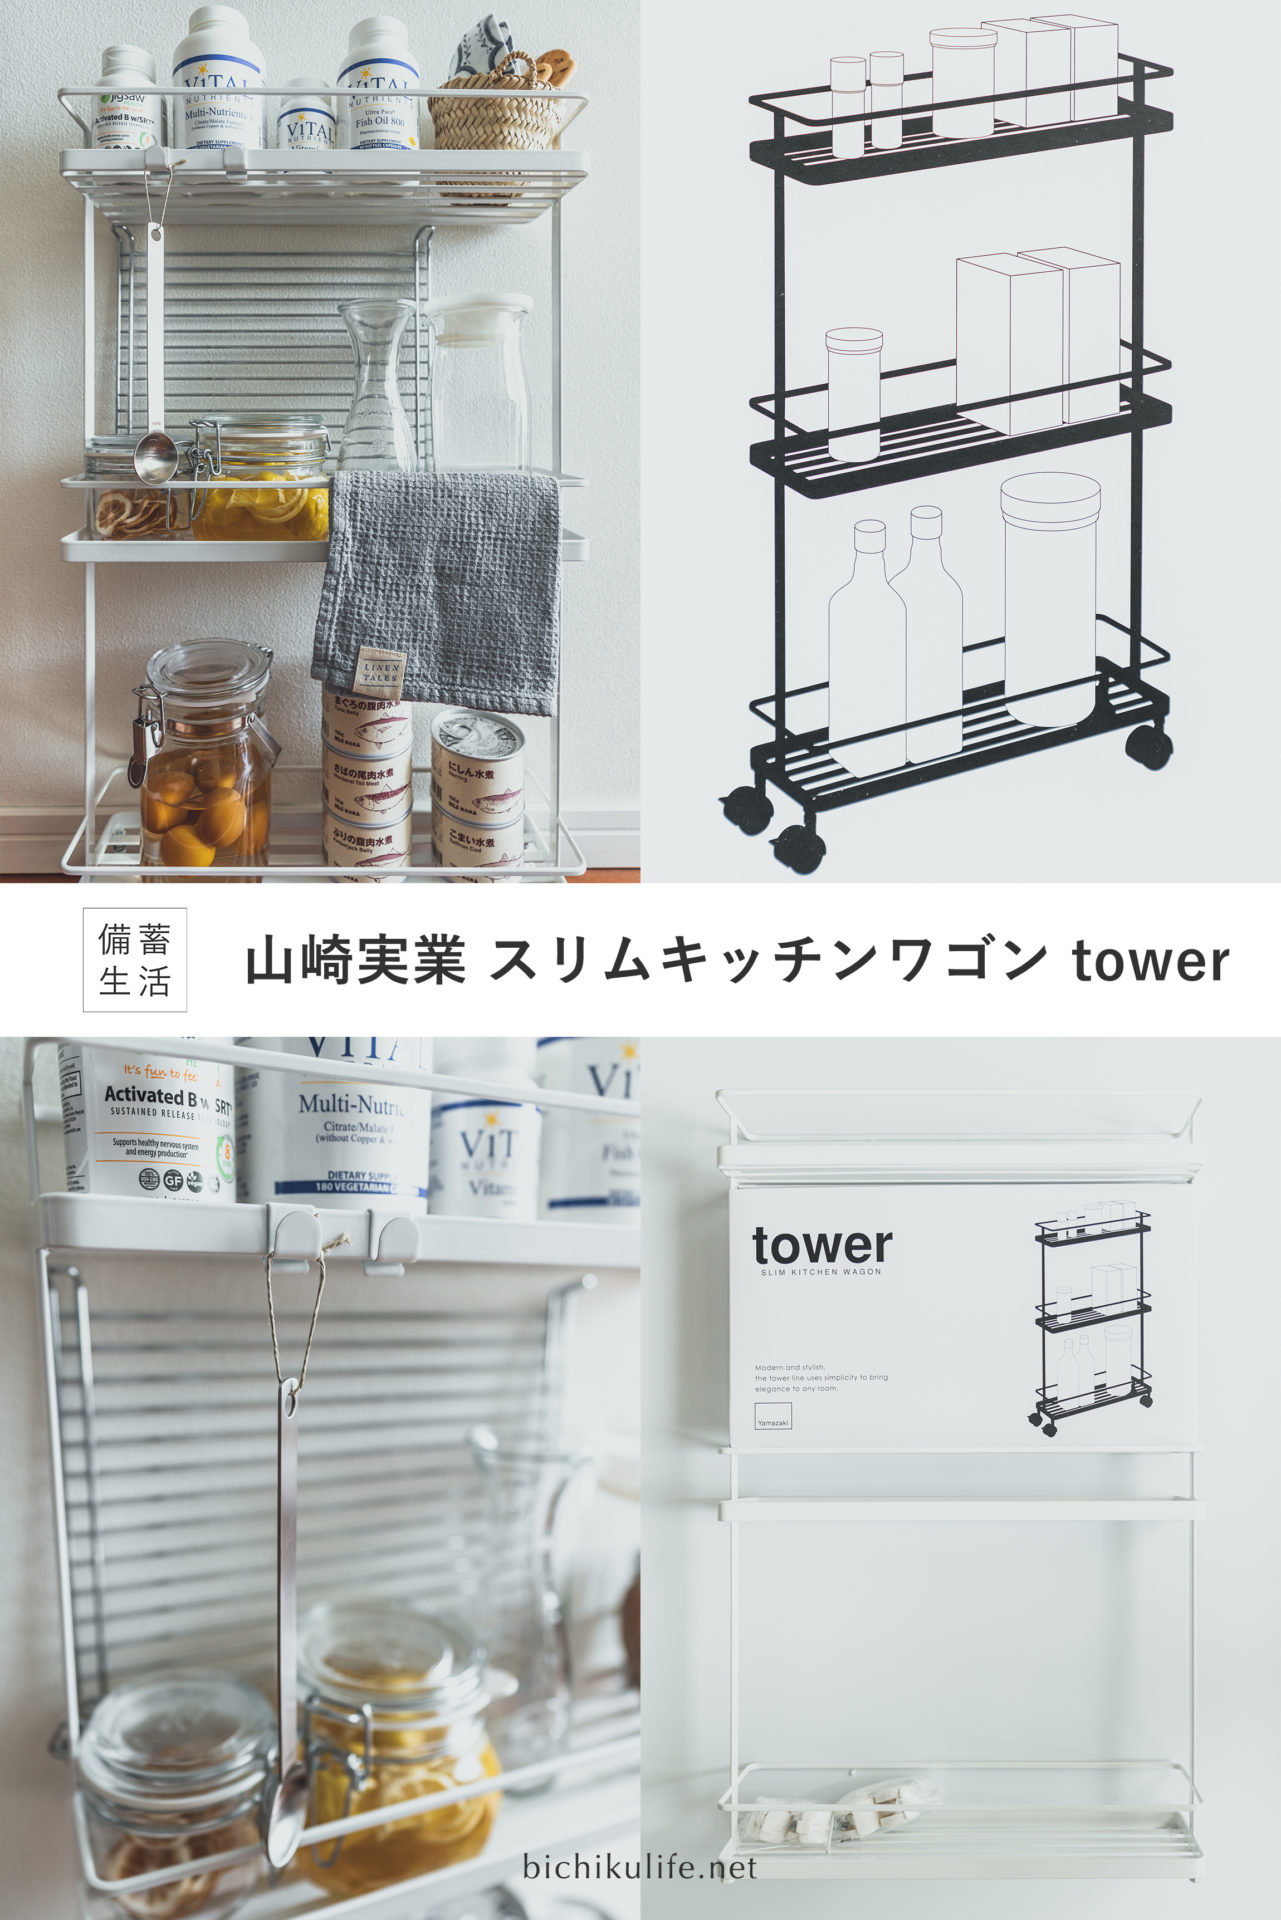 山崎実業のキッチン収納 スリムキッチンワゴン tower